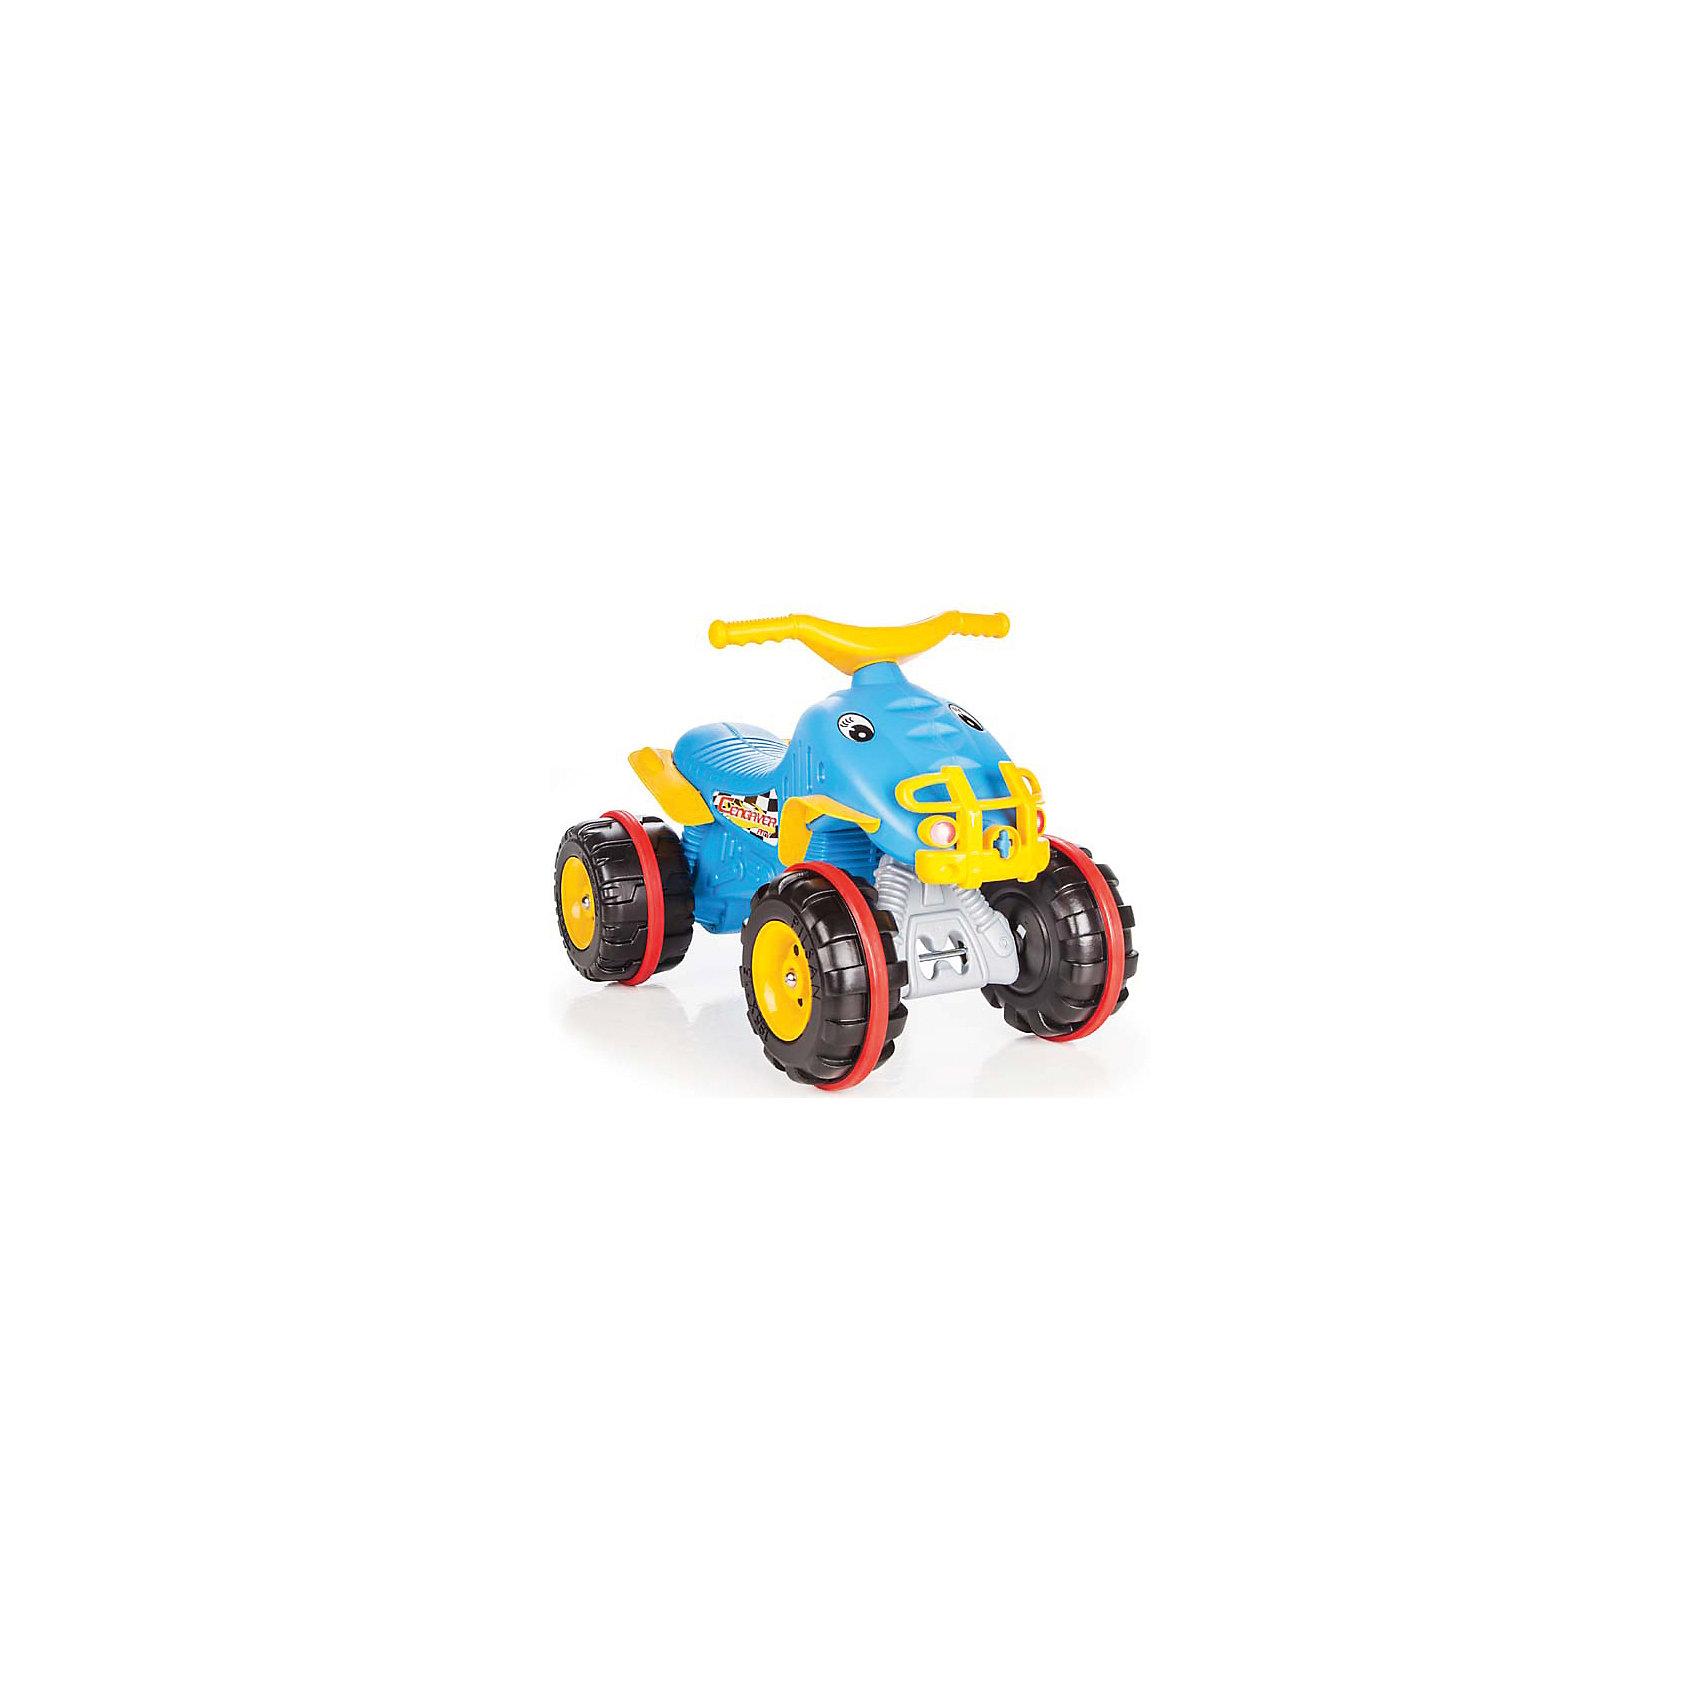 Каталка квадрацикл CENGAVER ATV, PILSANМашинки-каталки<br>Каталка квадроцикл CENGAVER ATV, PILSAN (Пилсан)<br><br>Характеристики:<br><br>• удобное сиденье <br>• резиновая вставка на колесах<br>• устойчивые колеса<br>• развивает координацию и опорно-двигательный аппарат<br>• материал: пластик<br>• максимальная нагрузка: 50 кг<br>• размер упаковки: 45х67х41см<br>• вес: 2,8 кг<br><br>Каталку квадроцикл можно использовать и дома, и на улице. Удобная форма сиденья позволит малышу с комфортом расположиться в каталке. Большие колеса с резиновыми вставками справятся с неровной поверхностью. Чтобы двигаться на каталке, нужно отталкиваться ногами. Яркий дизайн каталки всегда будет радовать малыша!<br><br>Каталку квадроцикл CENGAVER ATV, PILSAN (Пилсан) можно купить в нашем интернет-магазине.<br><br>Ширина мм: 410<br>Глубина мм: 670<br>Высота мм: 450<br>Вес г: 2800<br>Возраст от месяцев: 36<br>Возраст до месяцев: 84<br>Пол: Унисекс<br>Возраст: Детский<br>SKU: 5512045